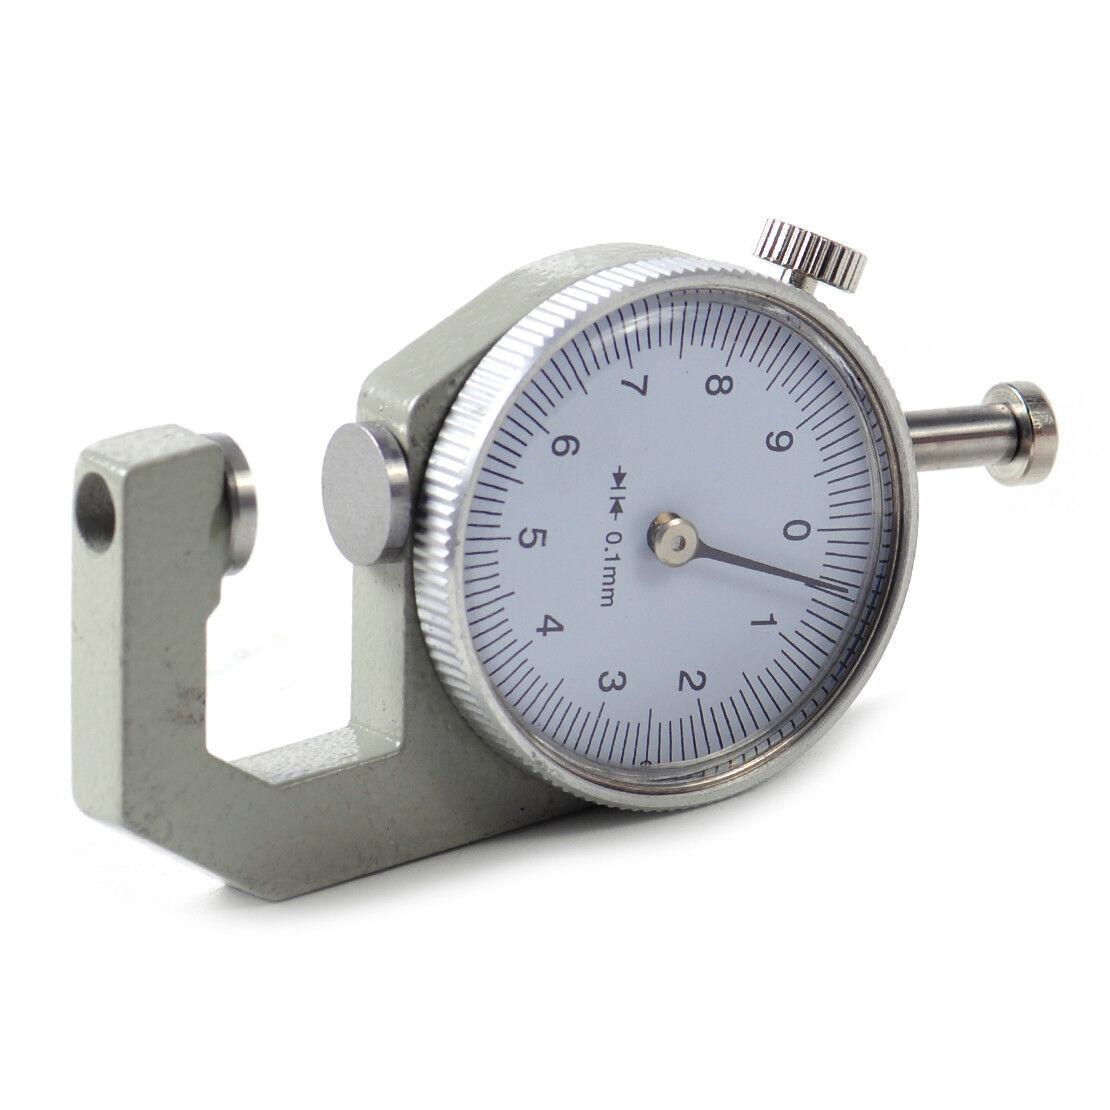 0-0,8mm Edelstahl Messuhr Hebelanzeige zur Messung von Innen und